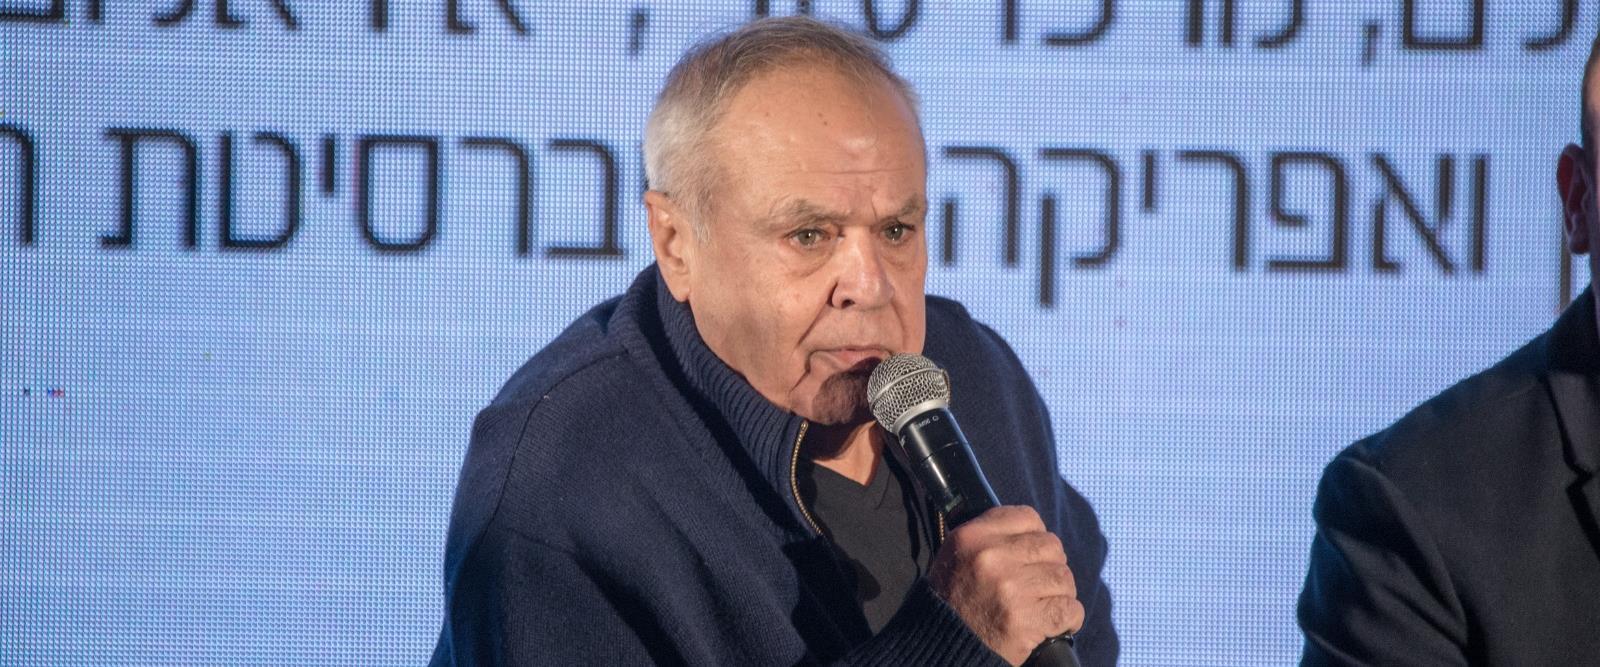 רוני דניאל, ארכיון